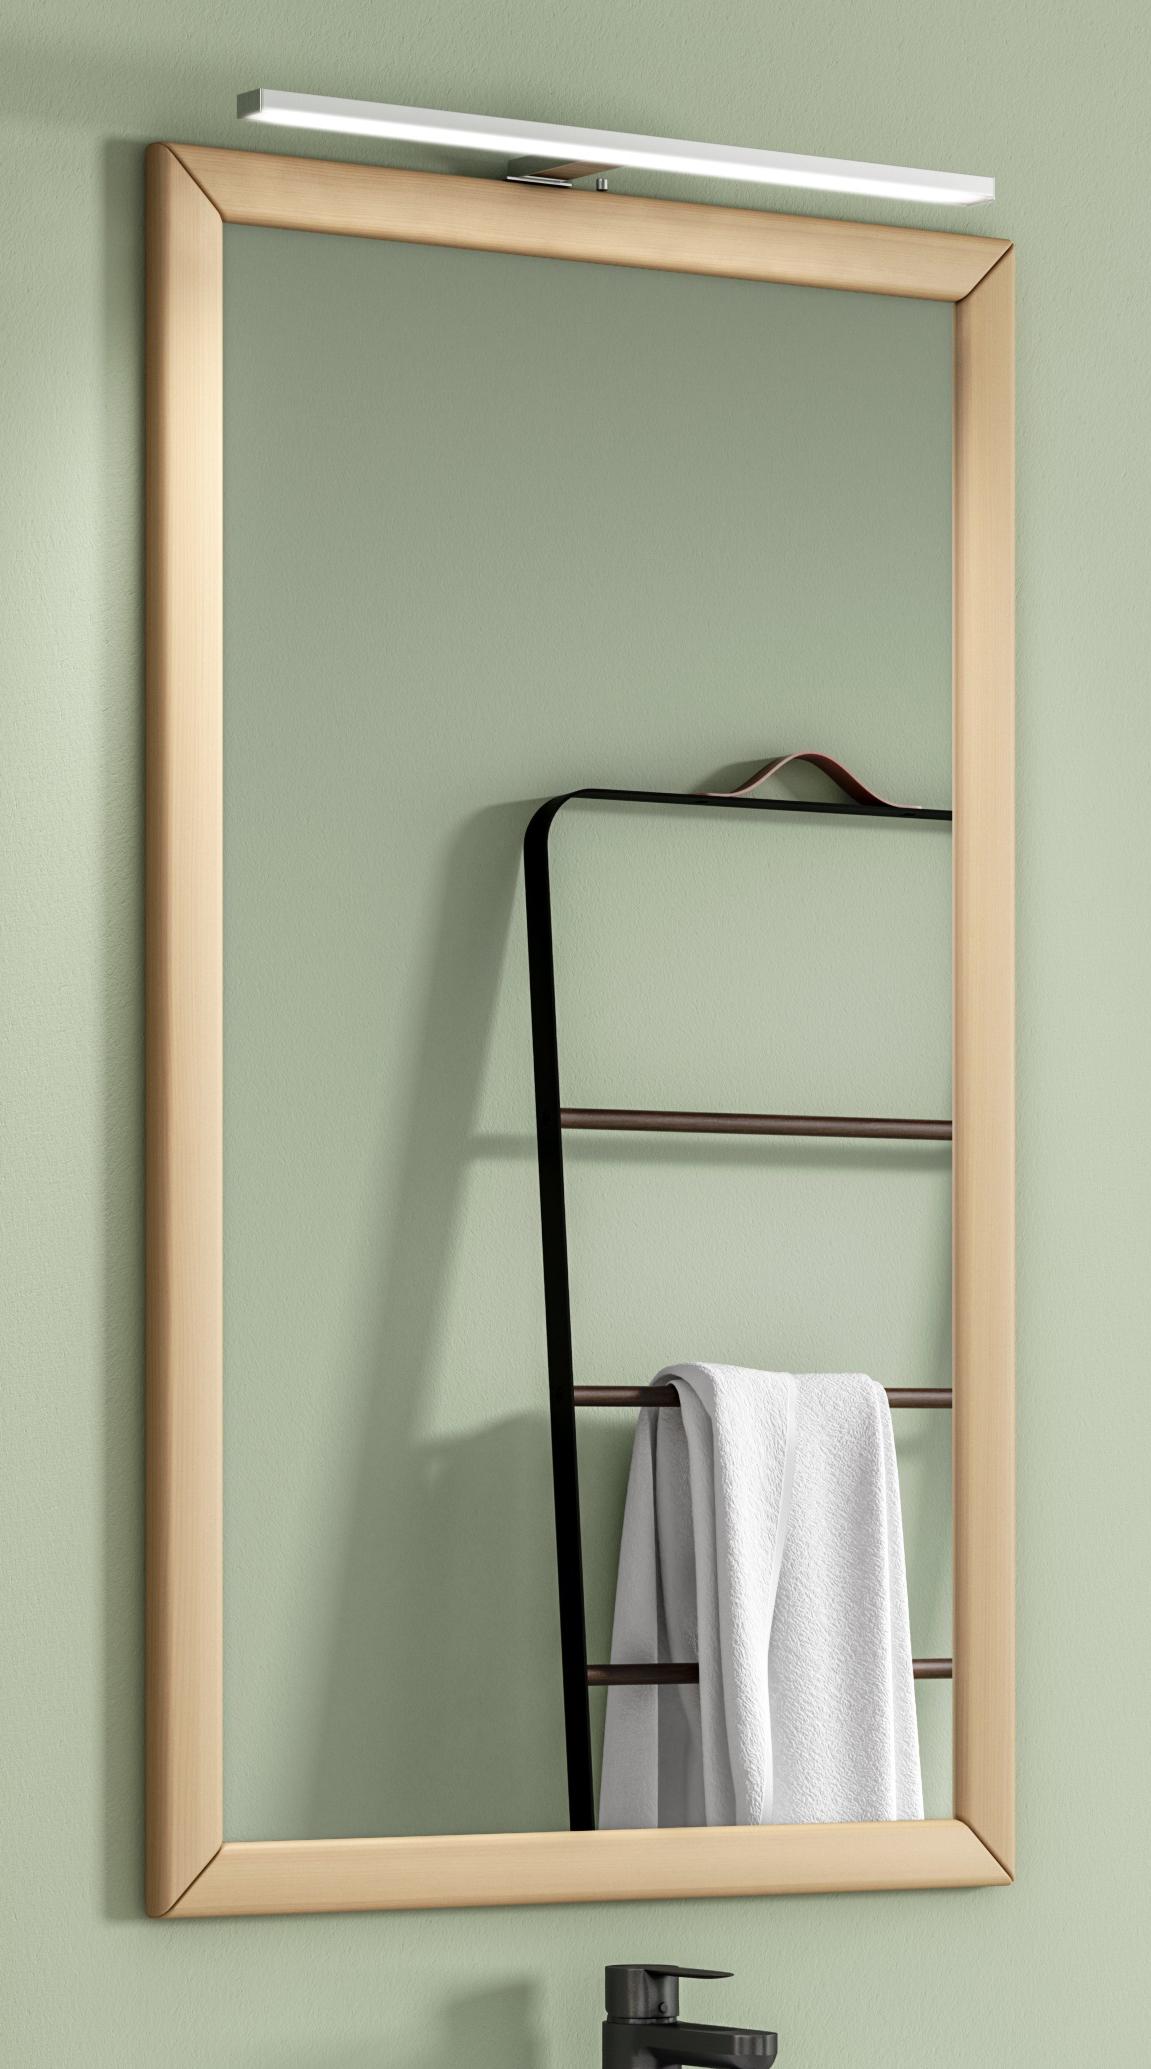 Thielsch Badmöbel Versus Spiegel 60 x 100 cm